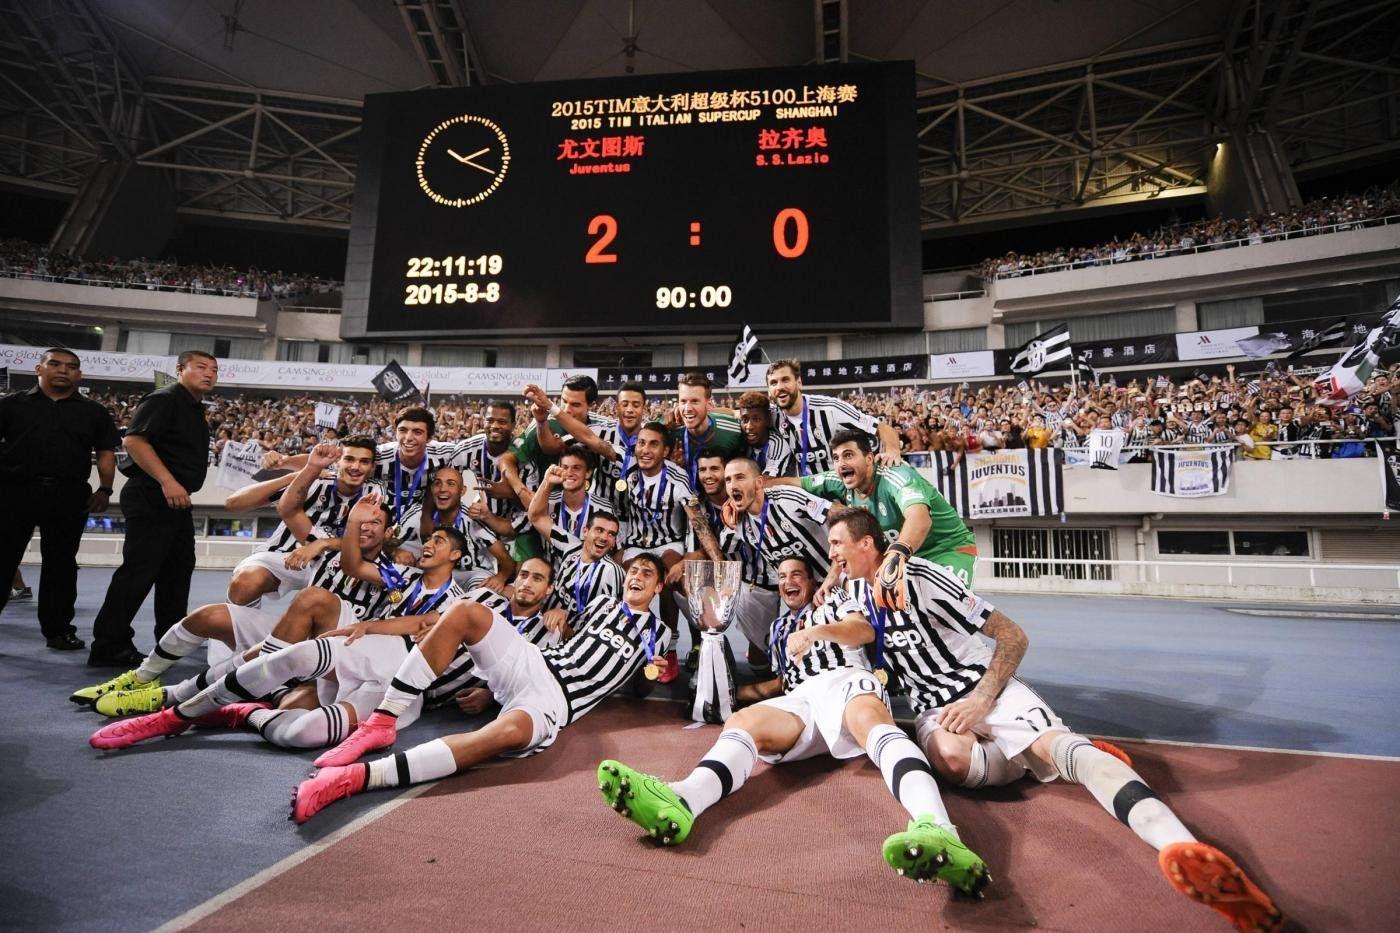 Supercoppa TIM 2015, Juventus-Lazio 2-0 - Italian Super Cup 2015, Juventus-Lazio 2-0 - YouTube